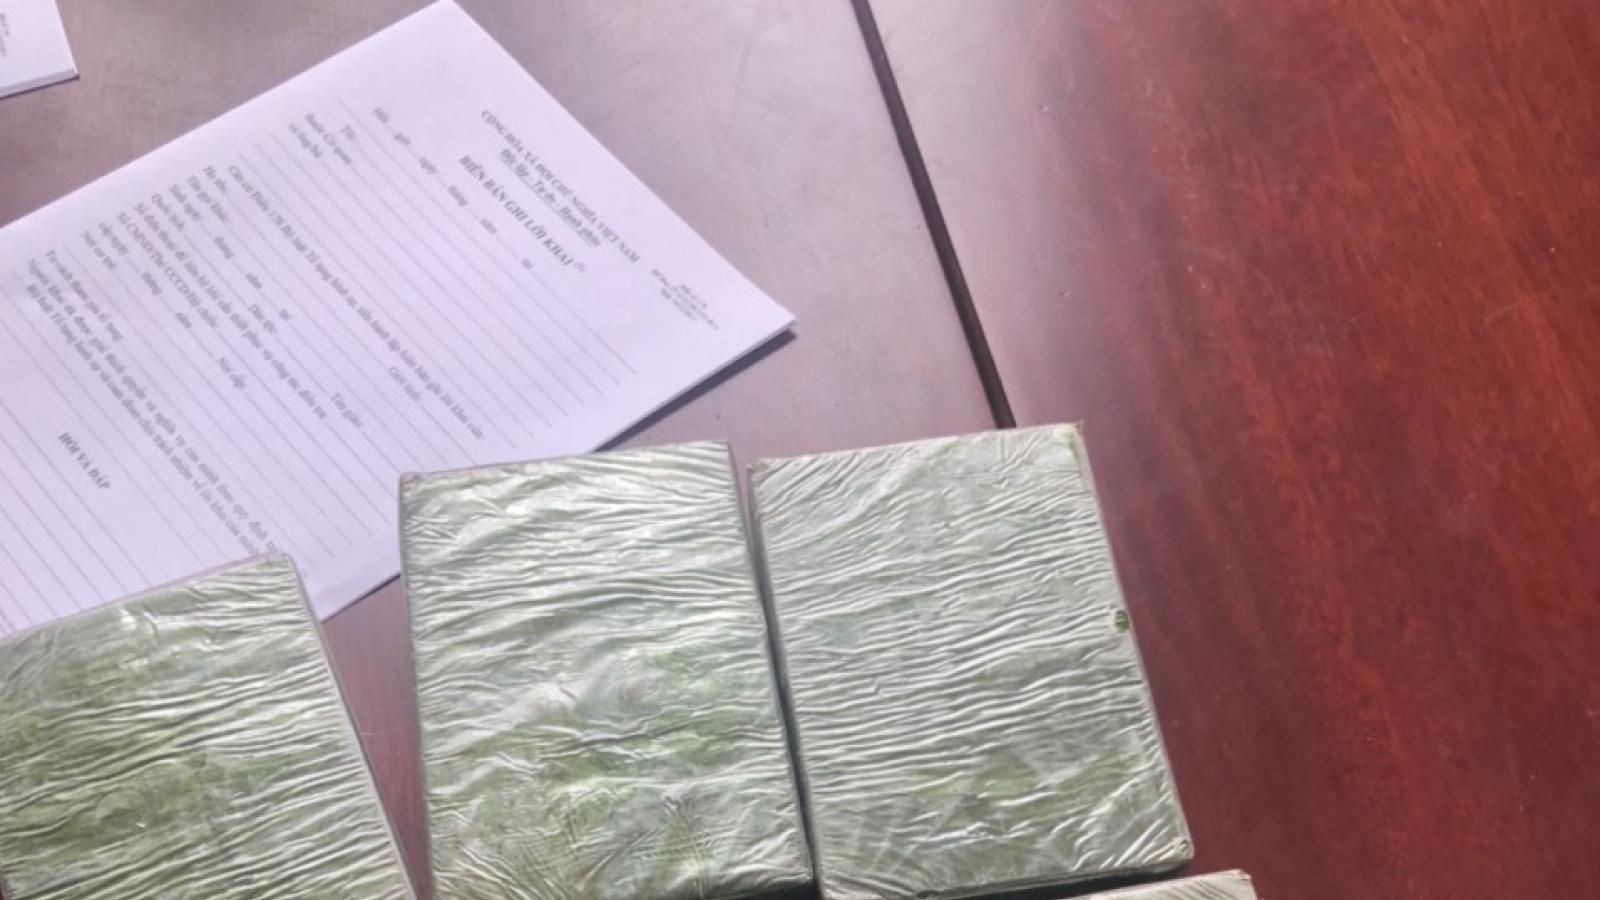 Bắt 2 đối tượng vận chuyển 6 bánh heroin từ Điện Biên về Hải Phòng